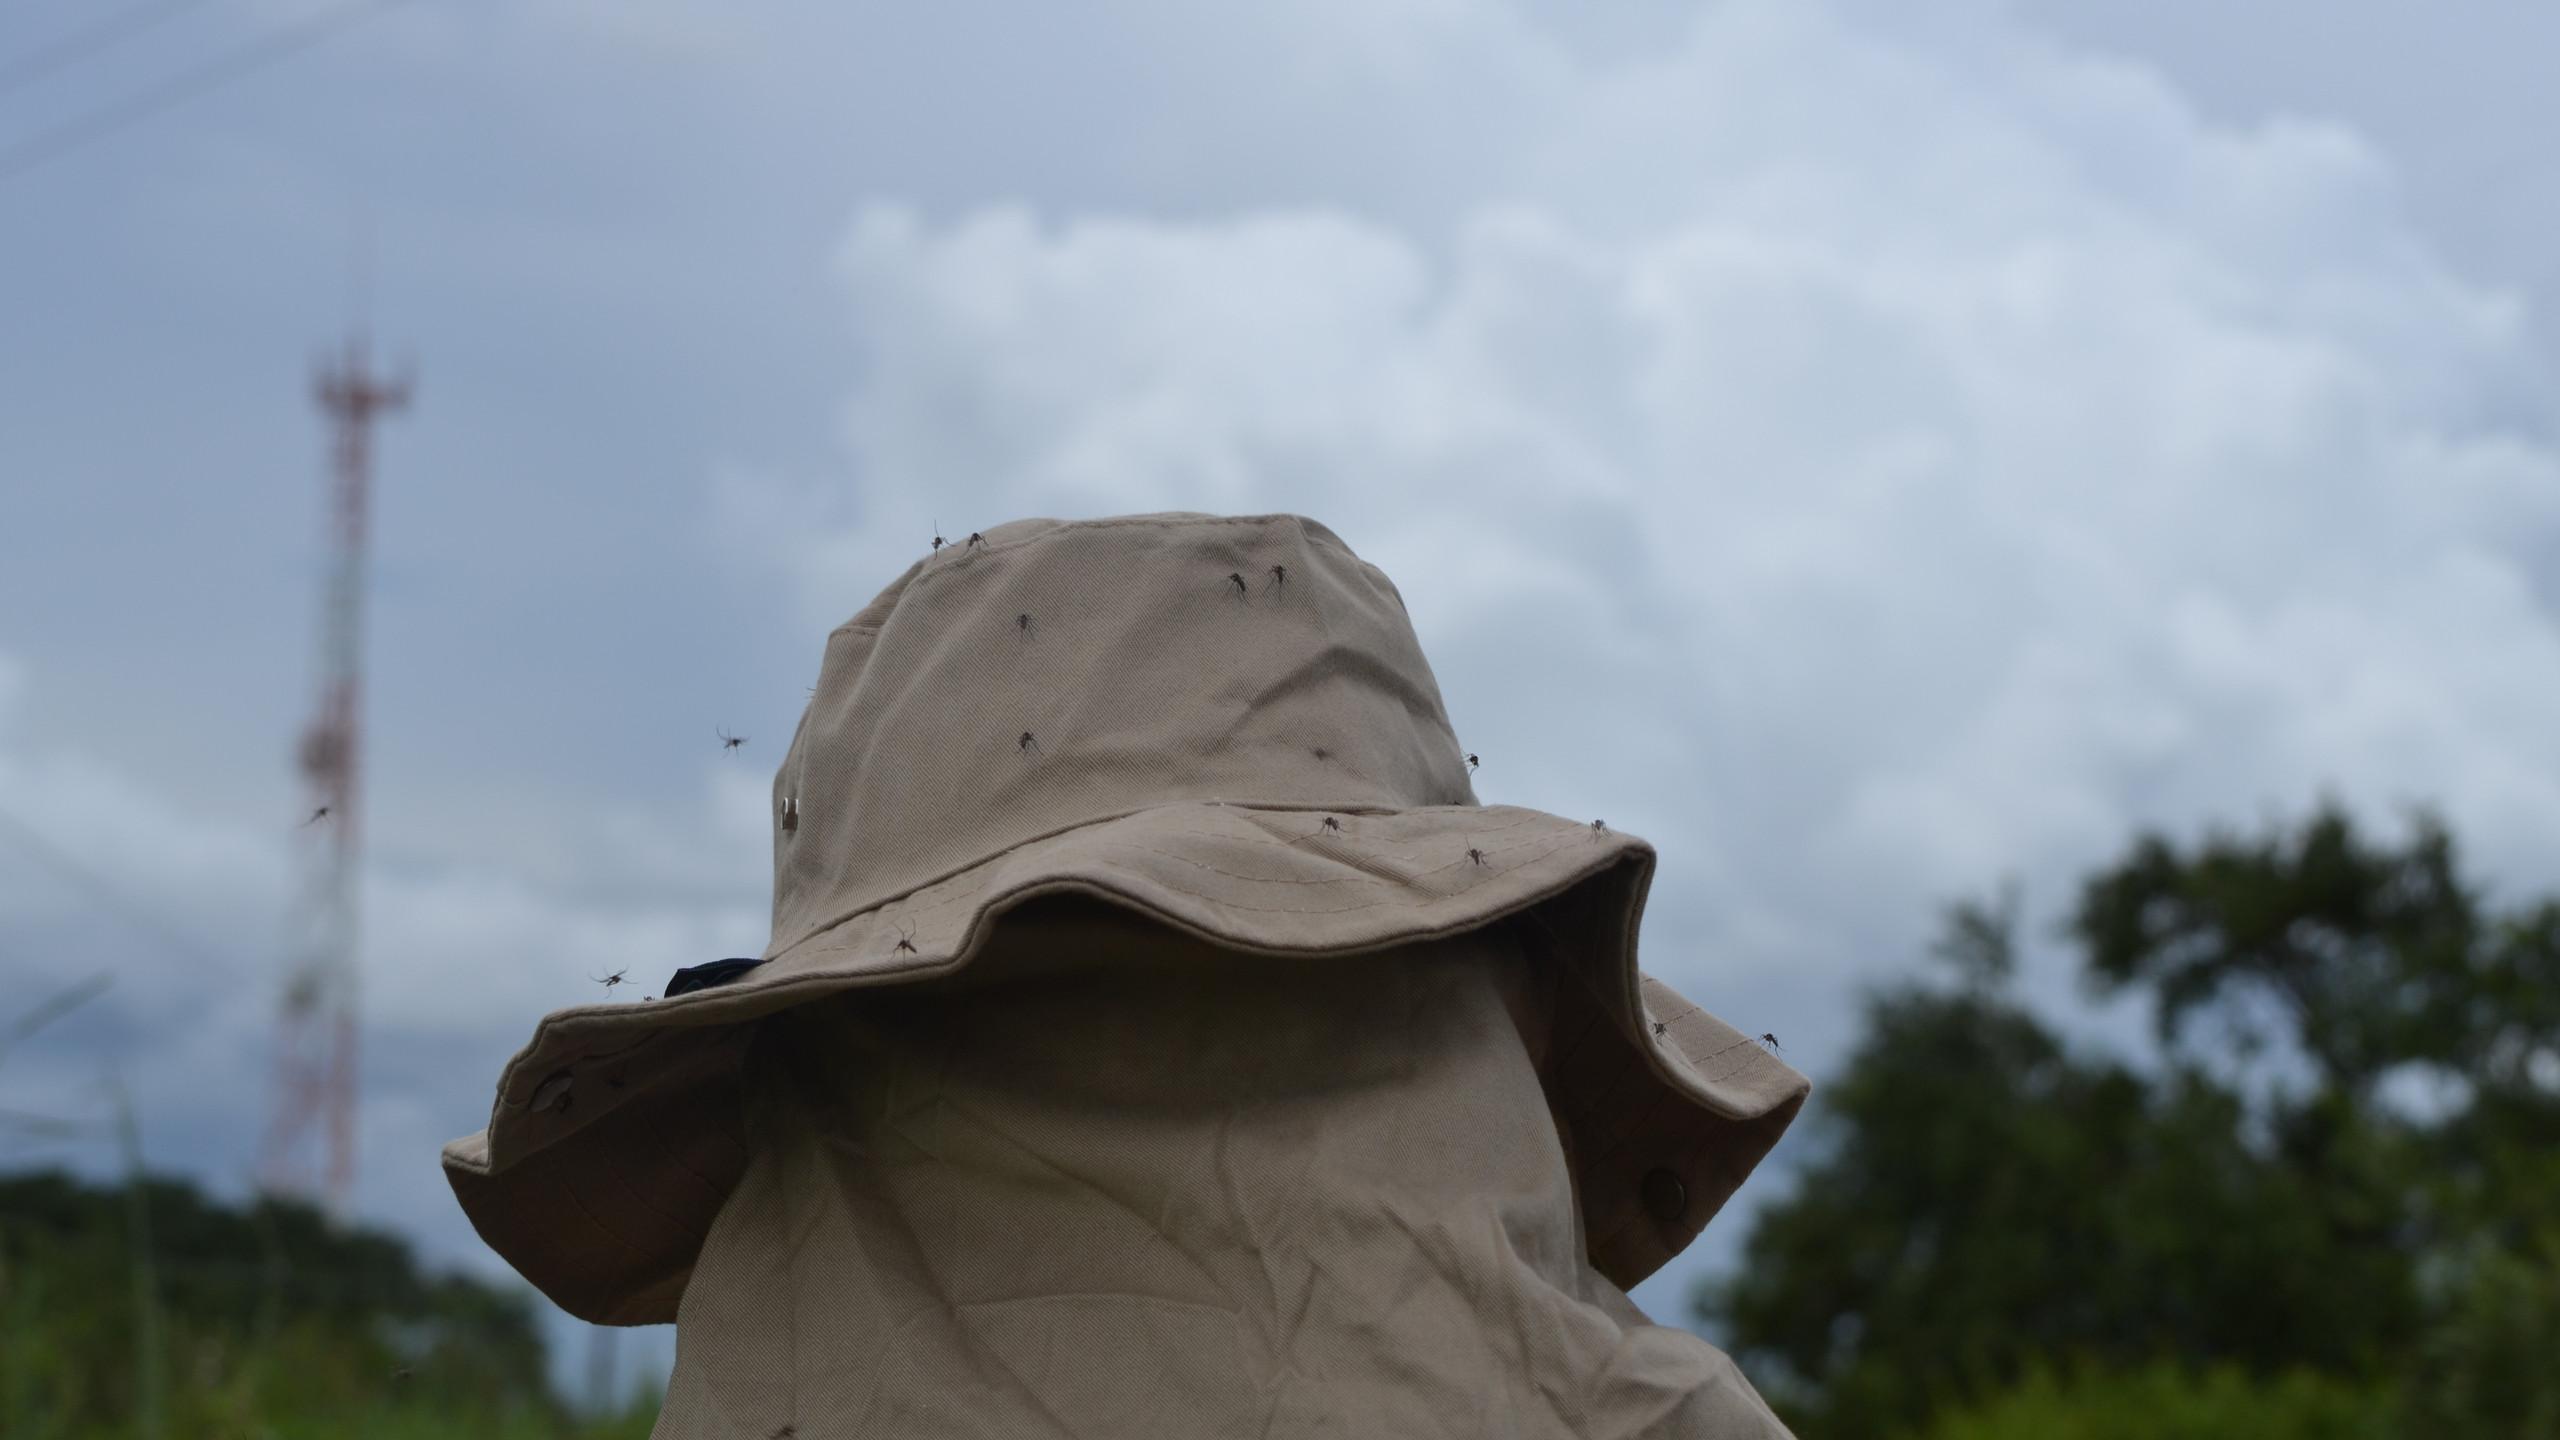 Imagina a quantidade de mosquitos